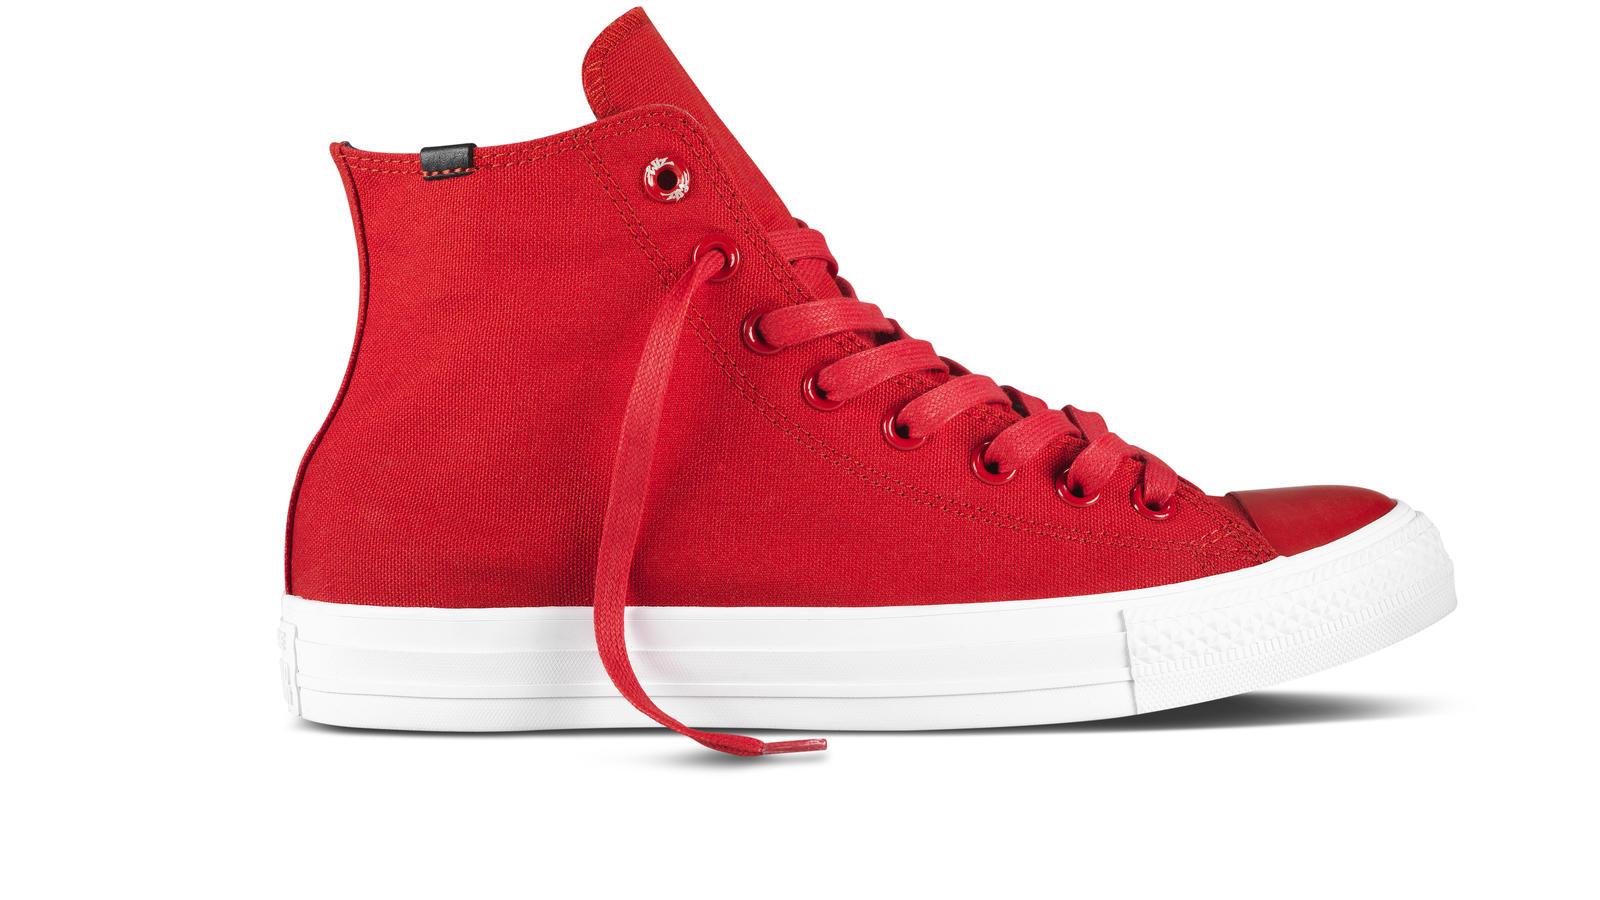 b03ab306bafc Converse Unveils Bold Footwear Collection with Rapper Wiz Khalifa ...